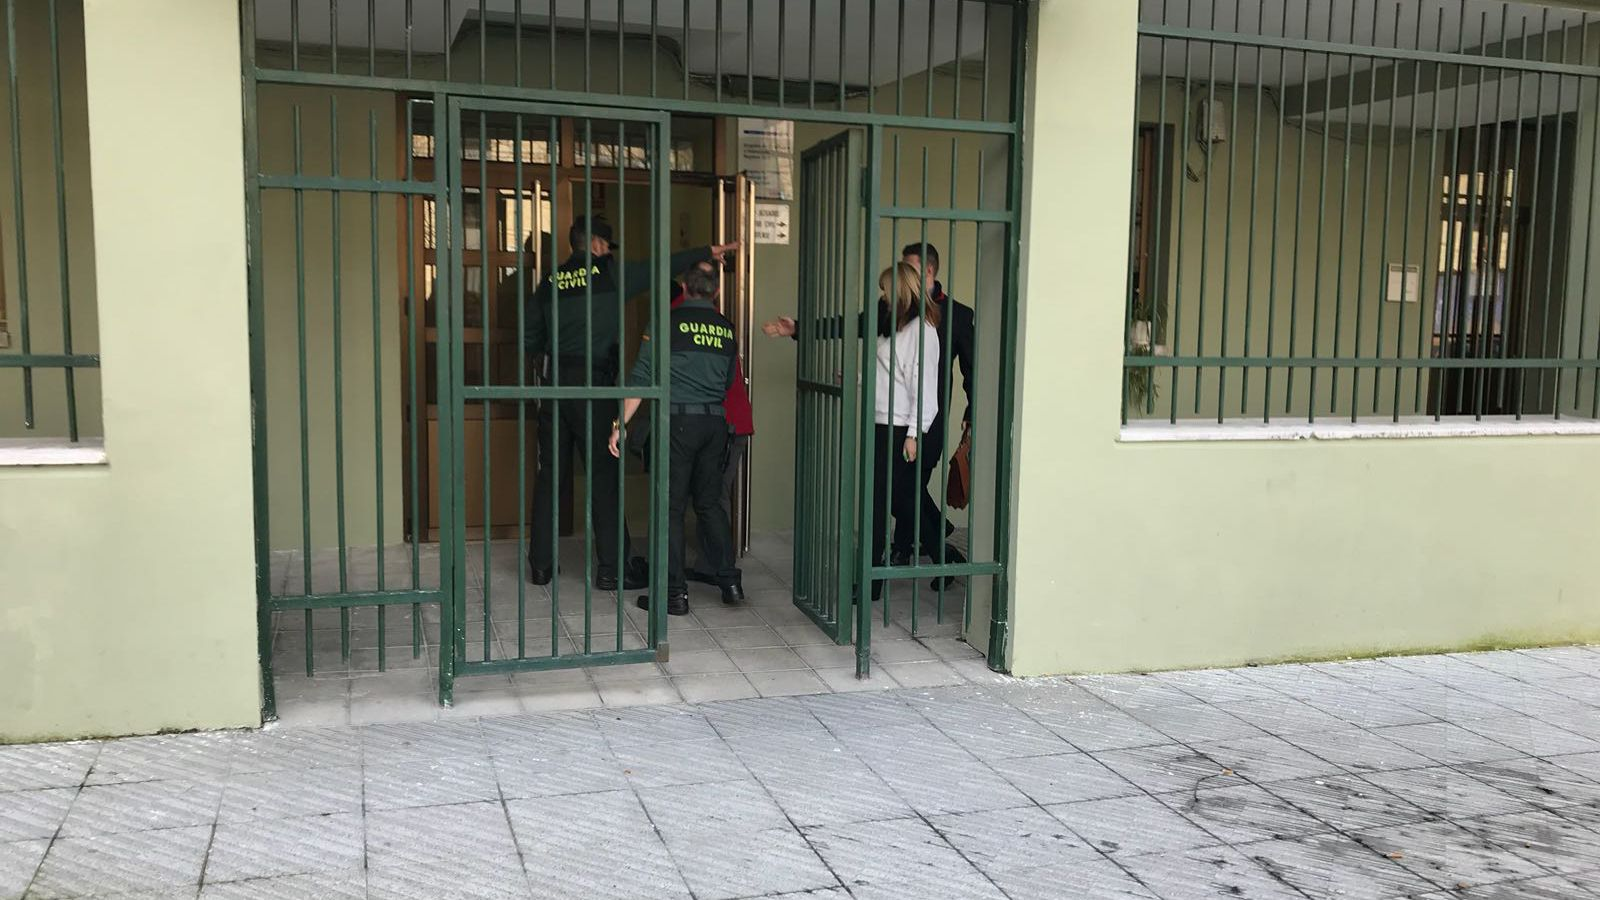 La detenida por el apuñalamiento de un hombre en El Condao pasa a disposición judicial.Un bombero en un incendio